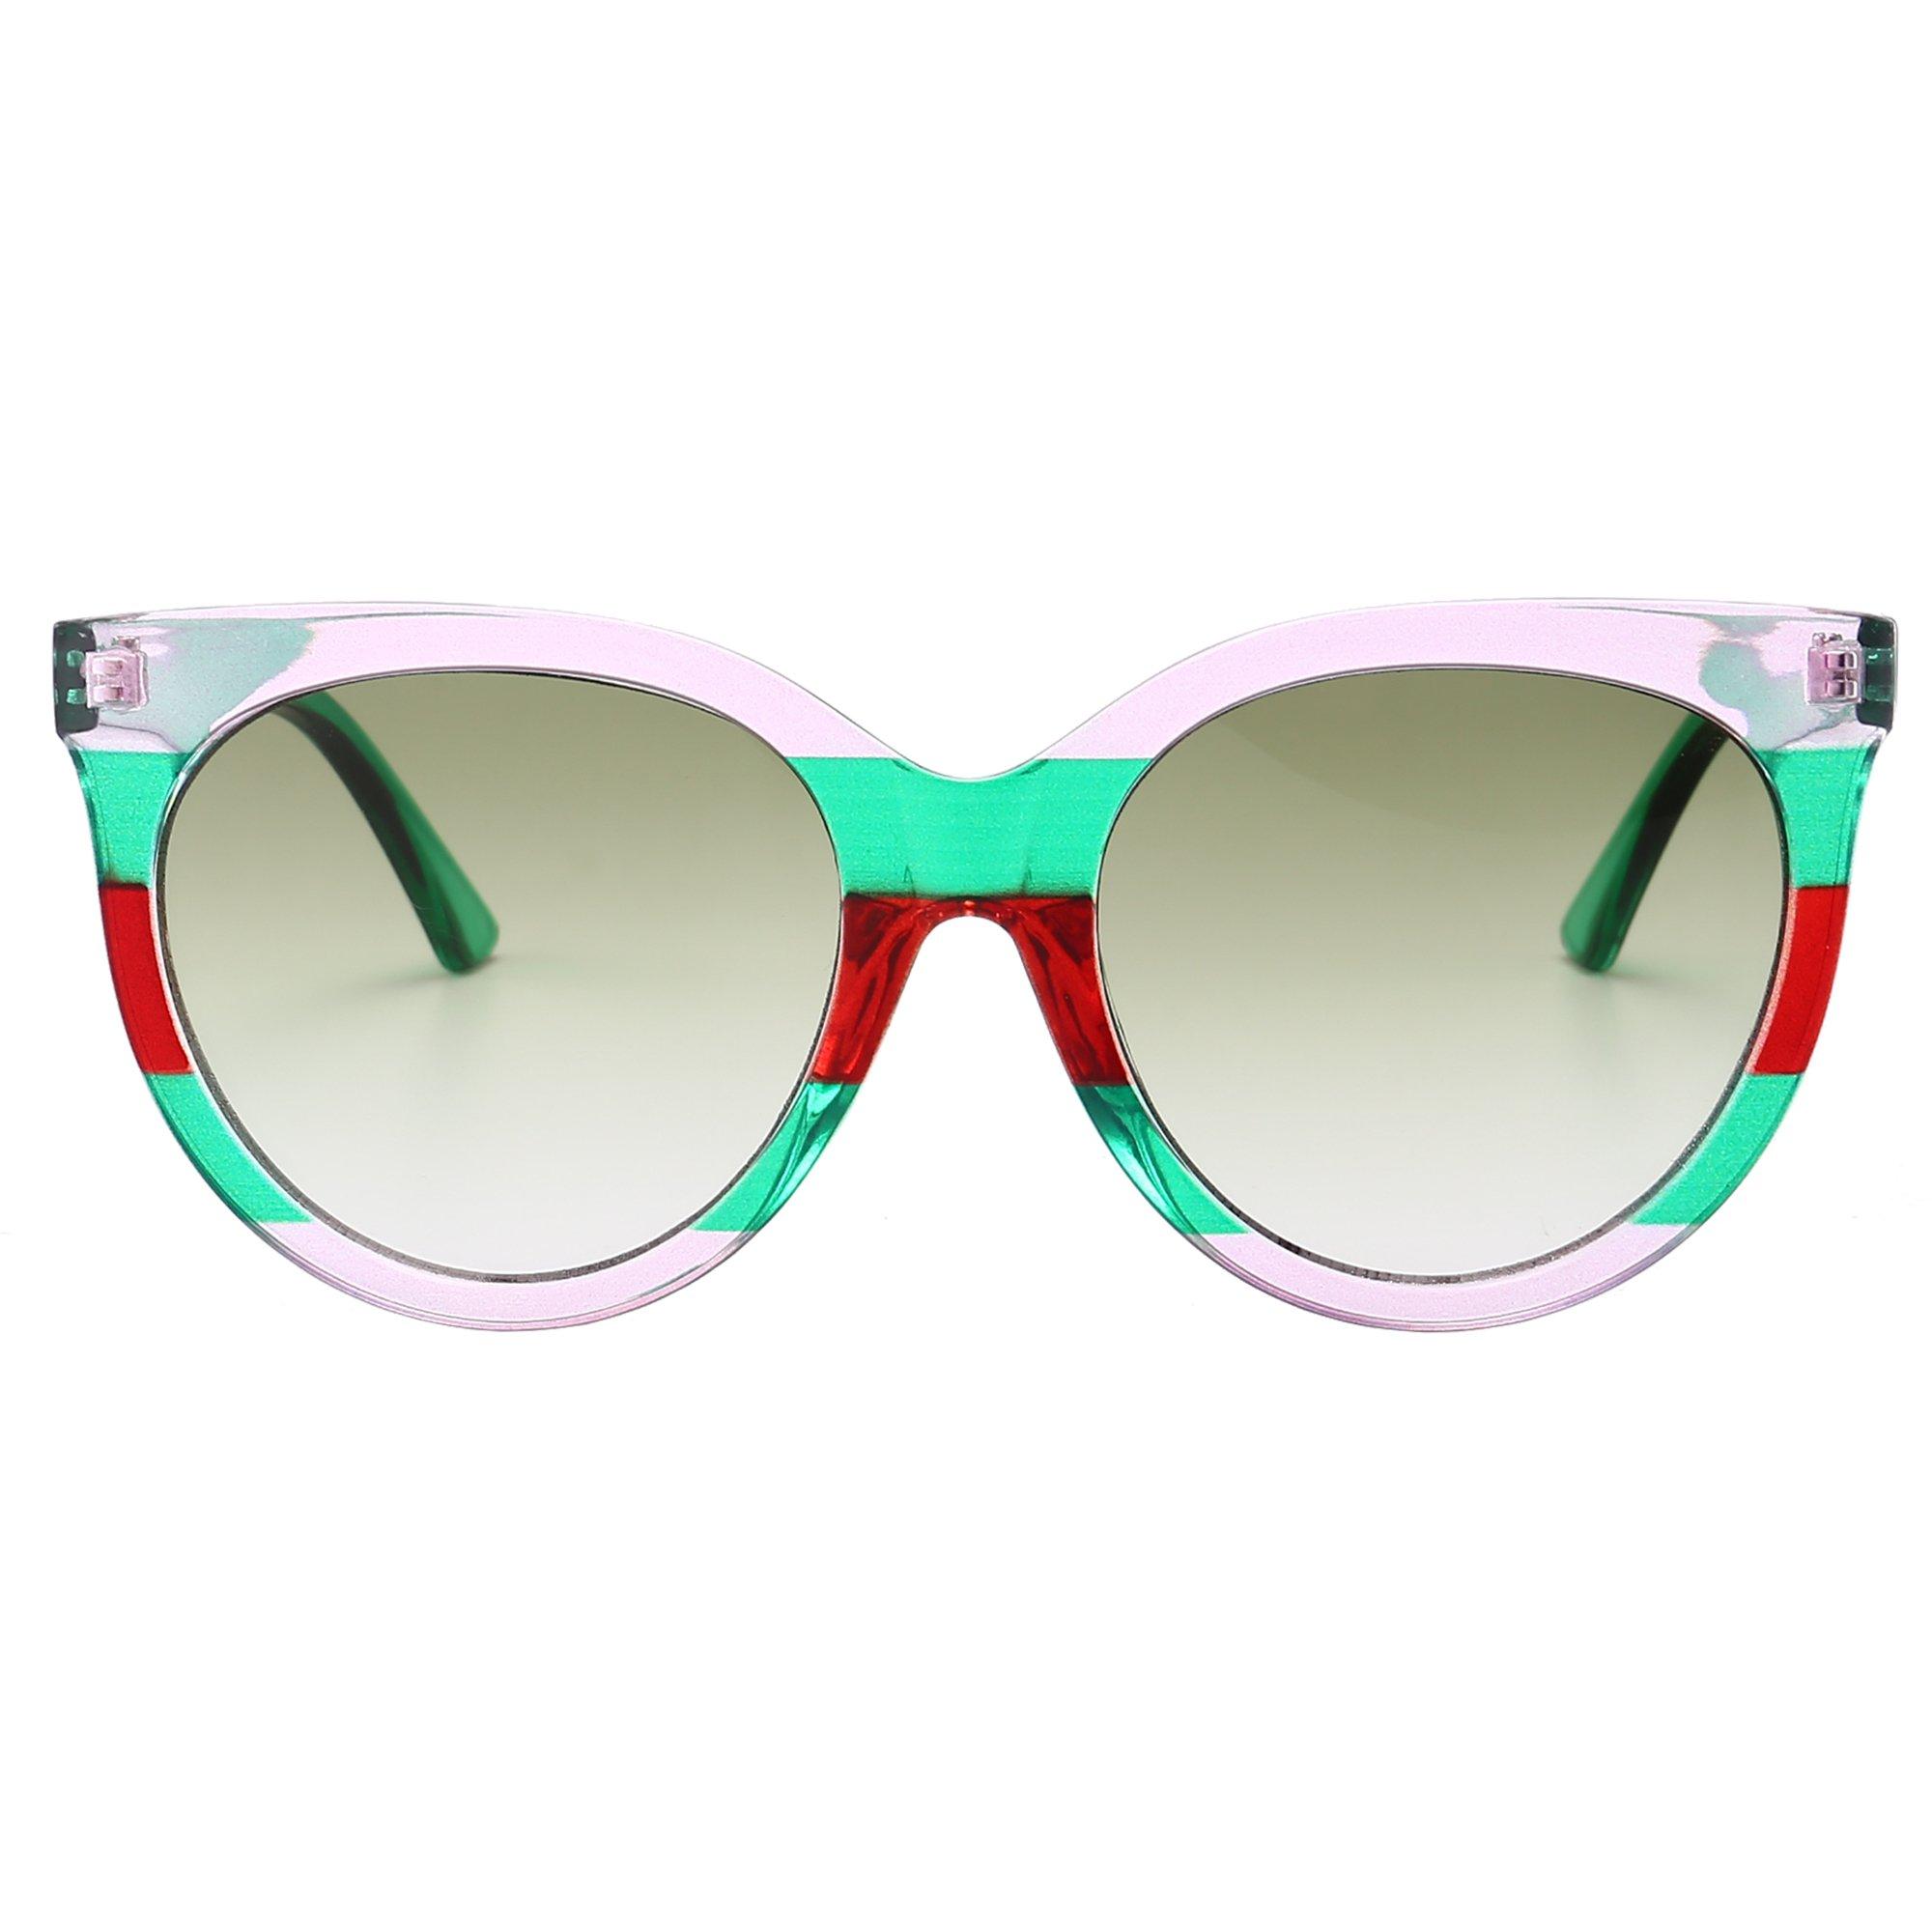 Sunglasses for Women Trendy Luxury Oval Oversized Brand Designer Sun Glasses (Pink-green Frame/Green) by GOBIGER